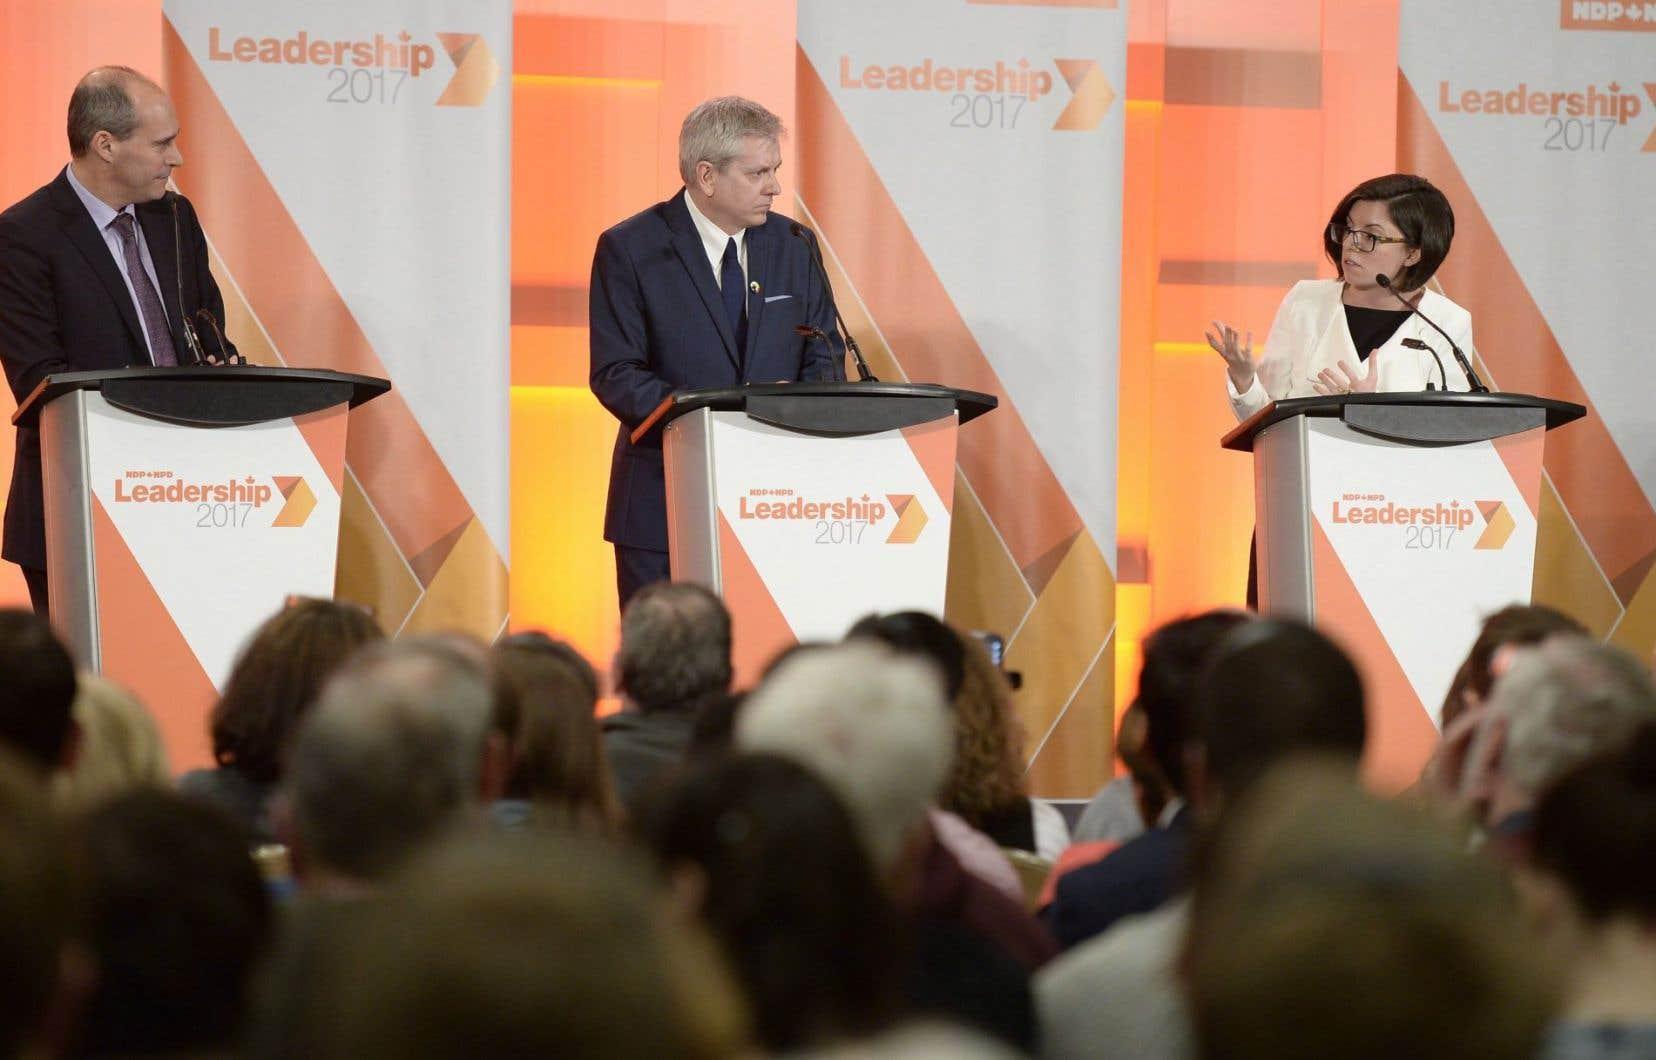 Le député québécois et candidat à la direction du Nouveau Parti démocratique Guy Caron avec ses adversaires Charlie Angus et Niki Ashton à ses côtés